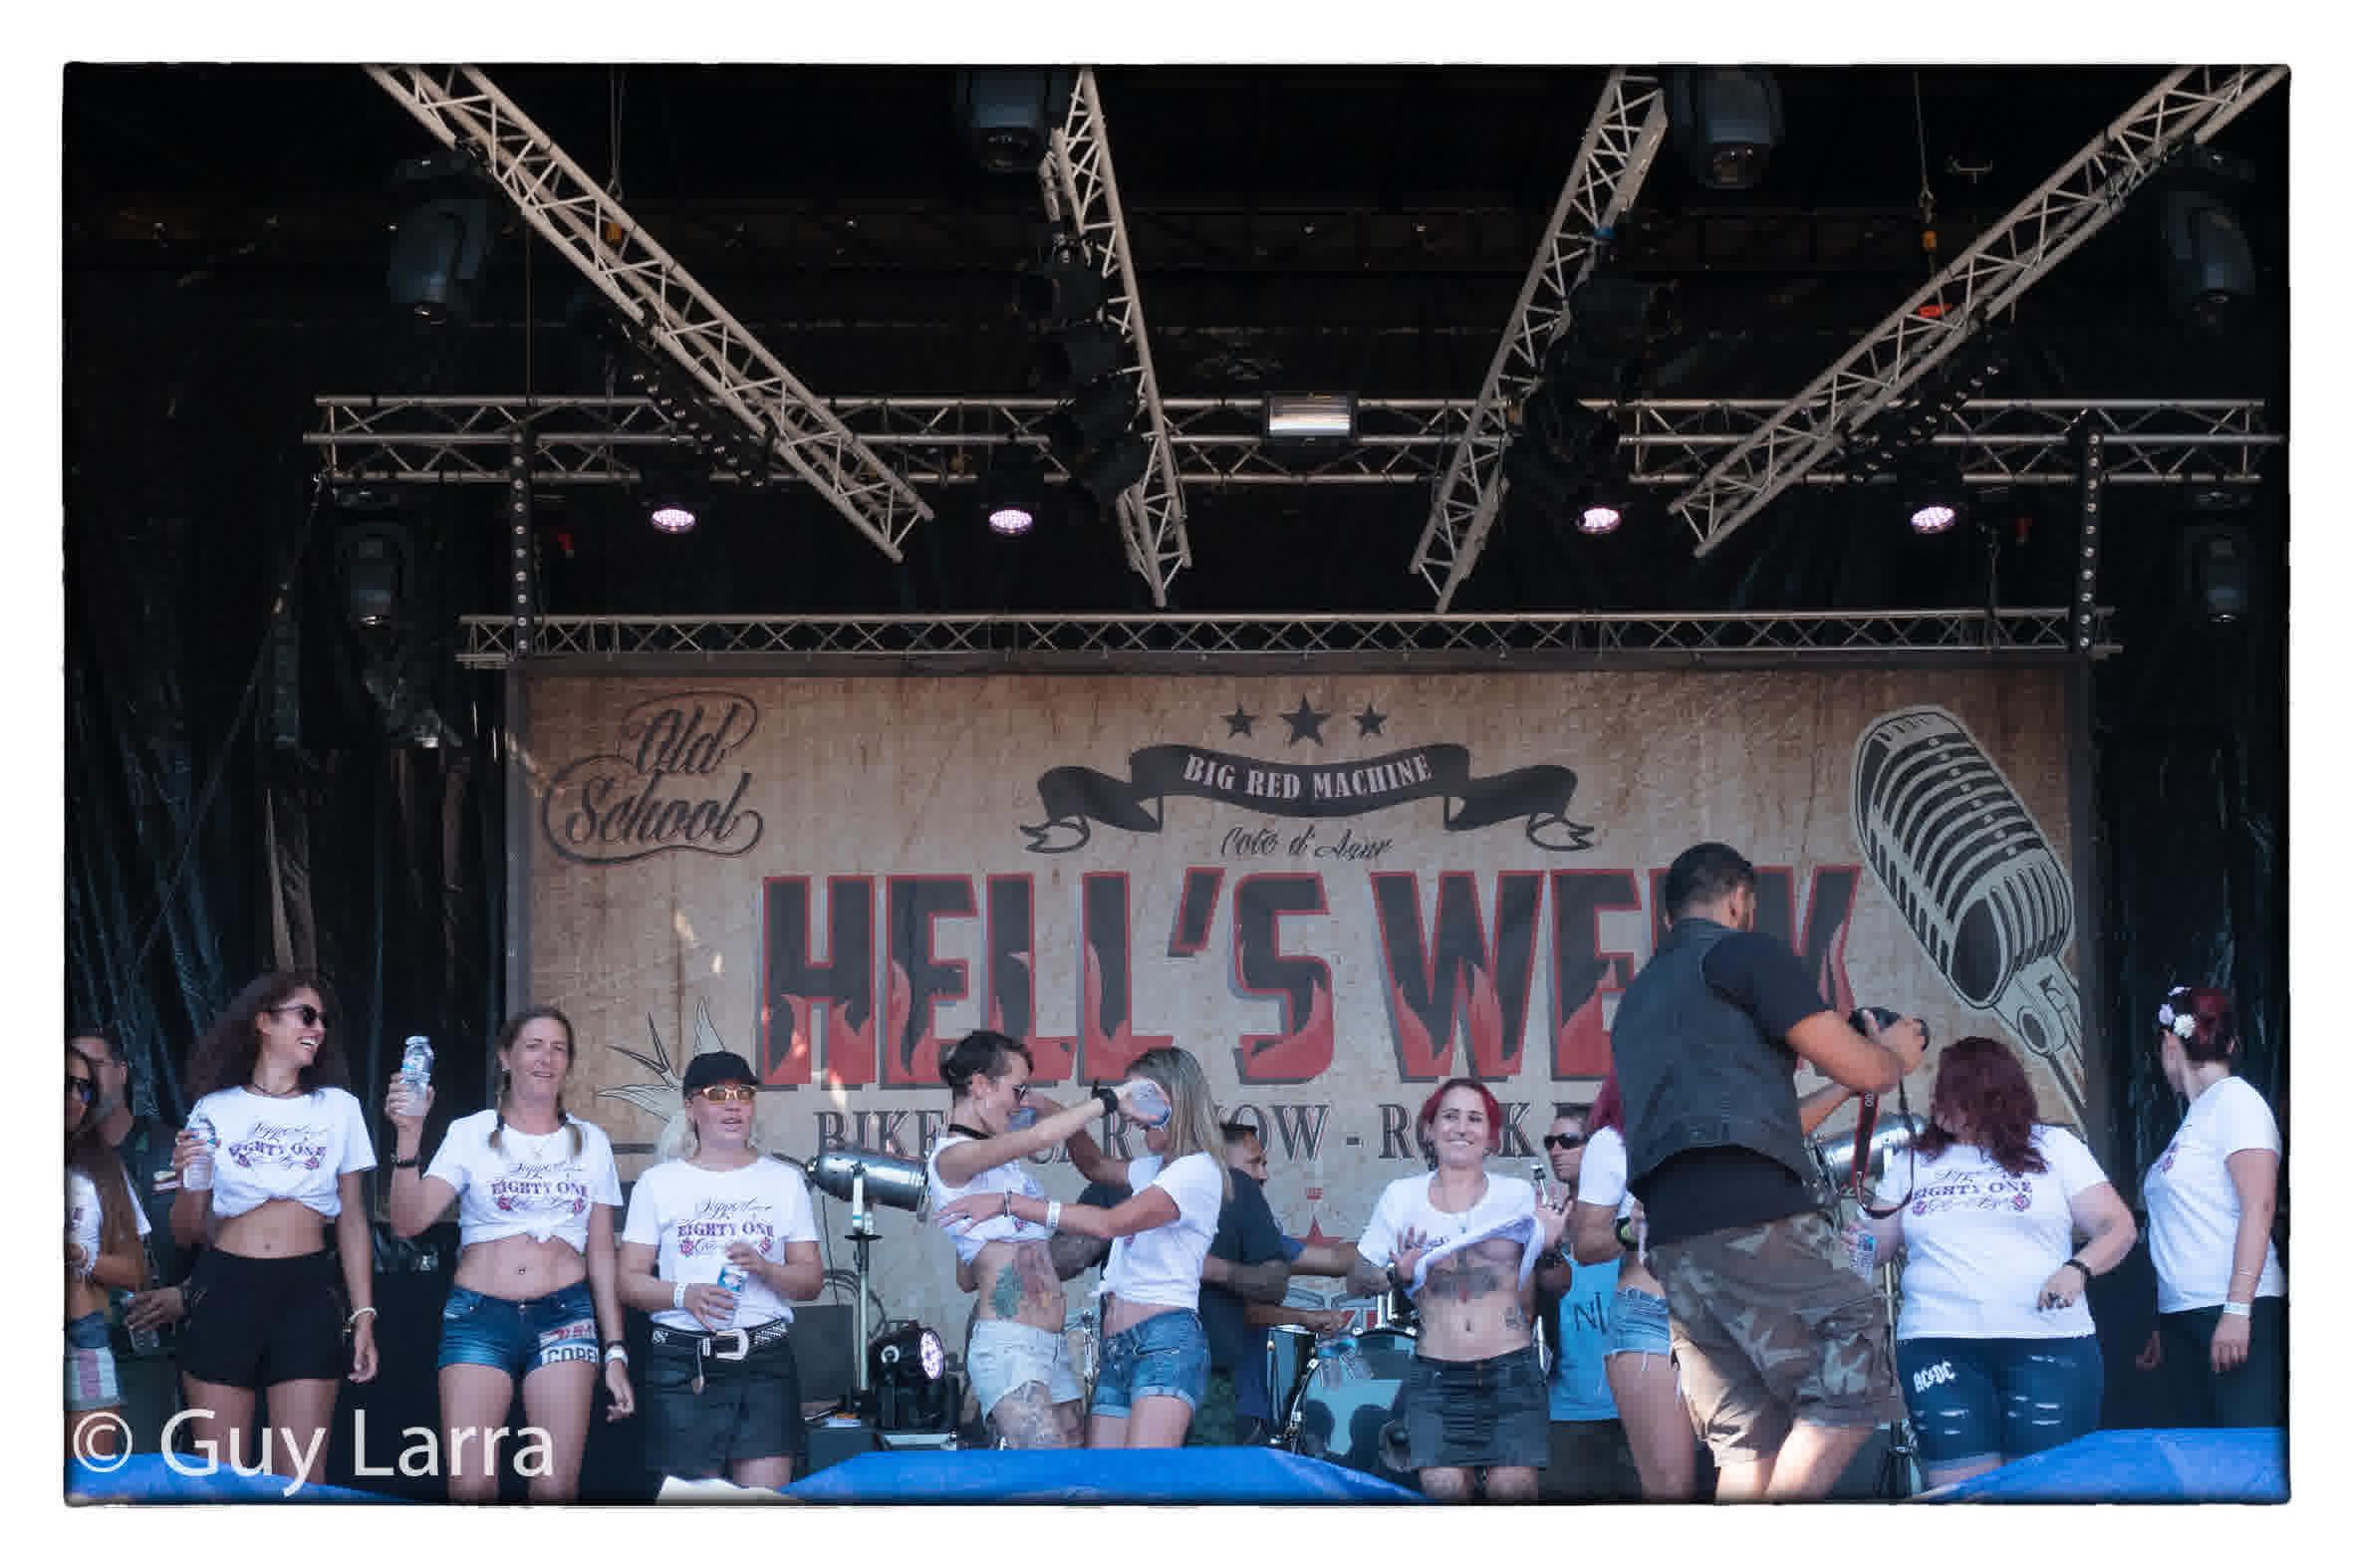 Hellsweek2018 guy larra 515